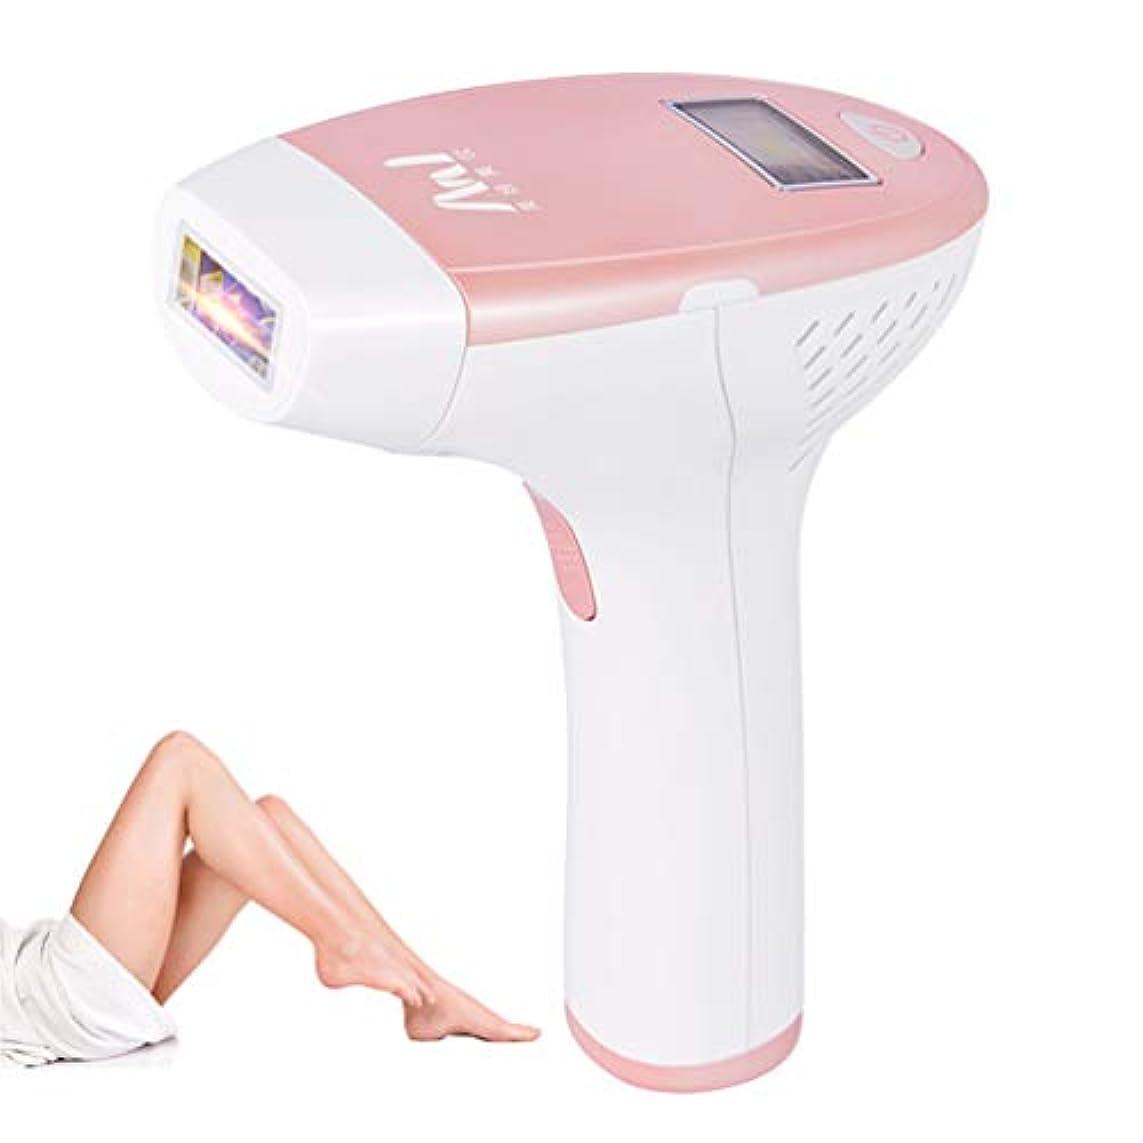 ルーフタバコスライス女性の男性の体の顔とビキニ脇の下にレーザー痛みのない永久的な美容デバイスの脱毛システムレーザー脱毛装置